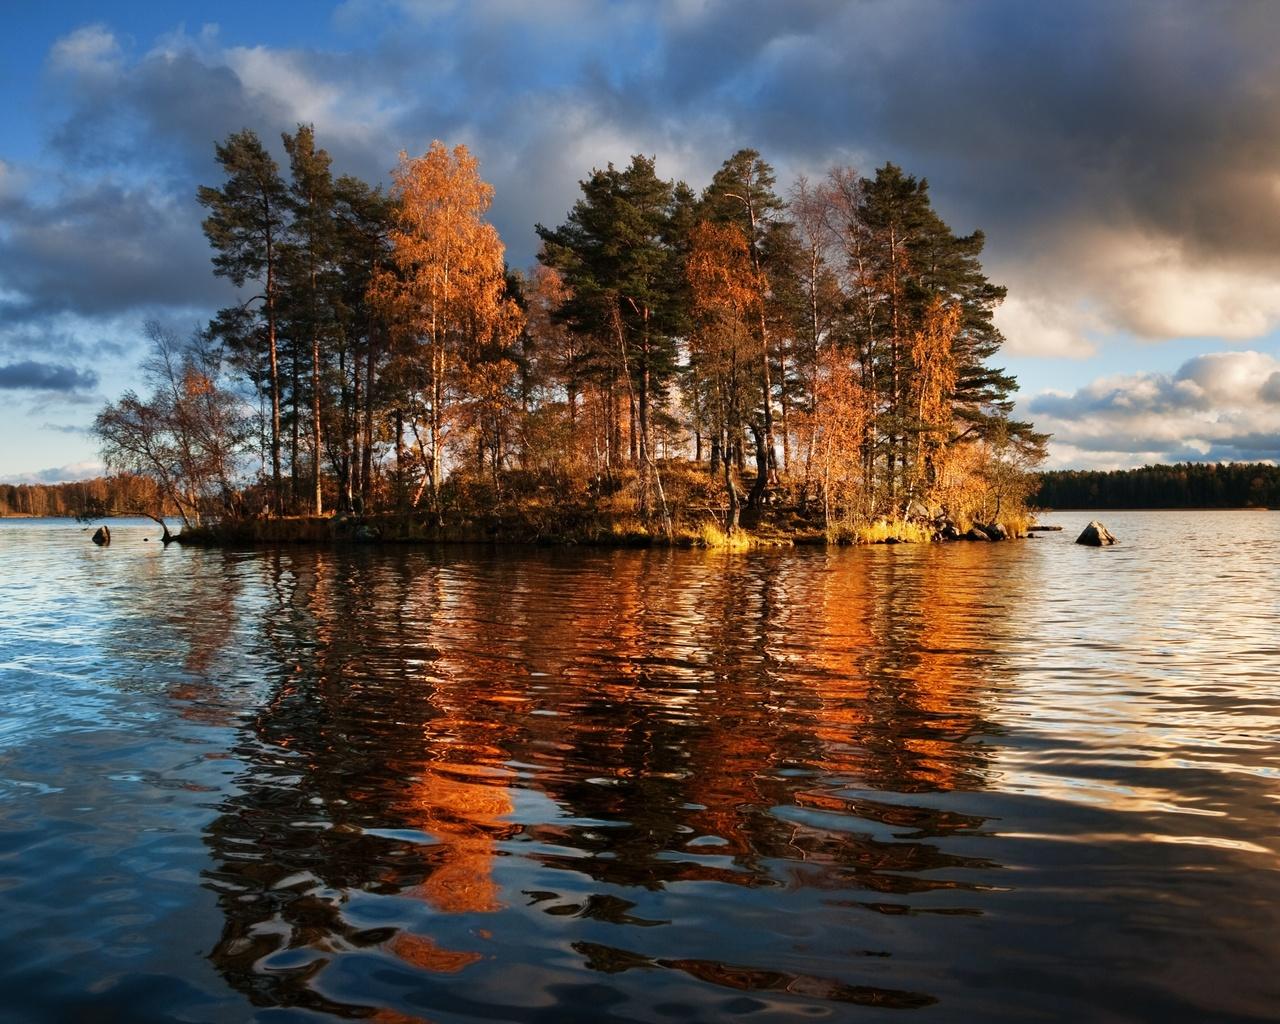 озеро, остров, vuoksa lake, leningrad region, priozersky district, деревья, природа